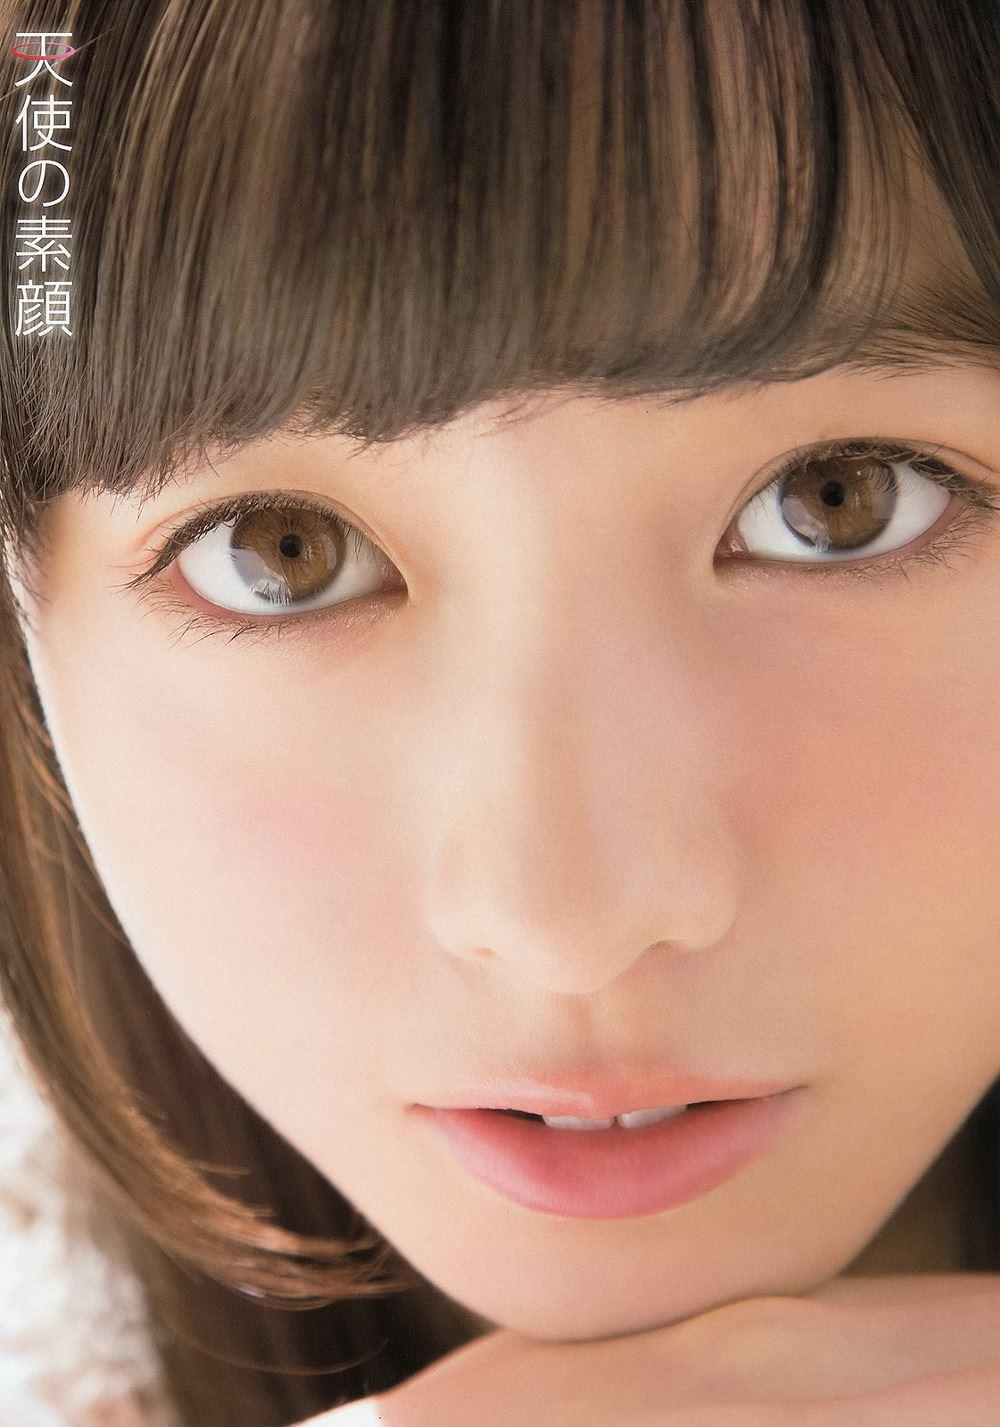 橋本環奈 かわいい 高画質 グラビア画像 44